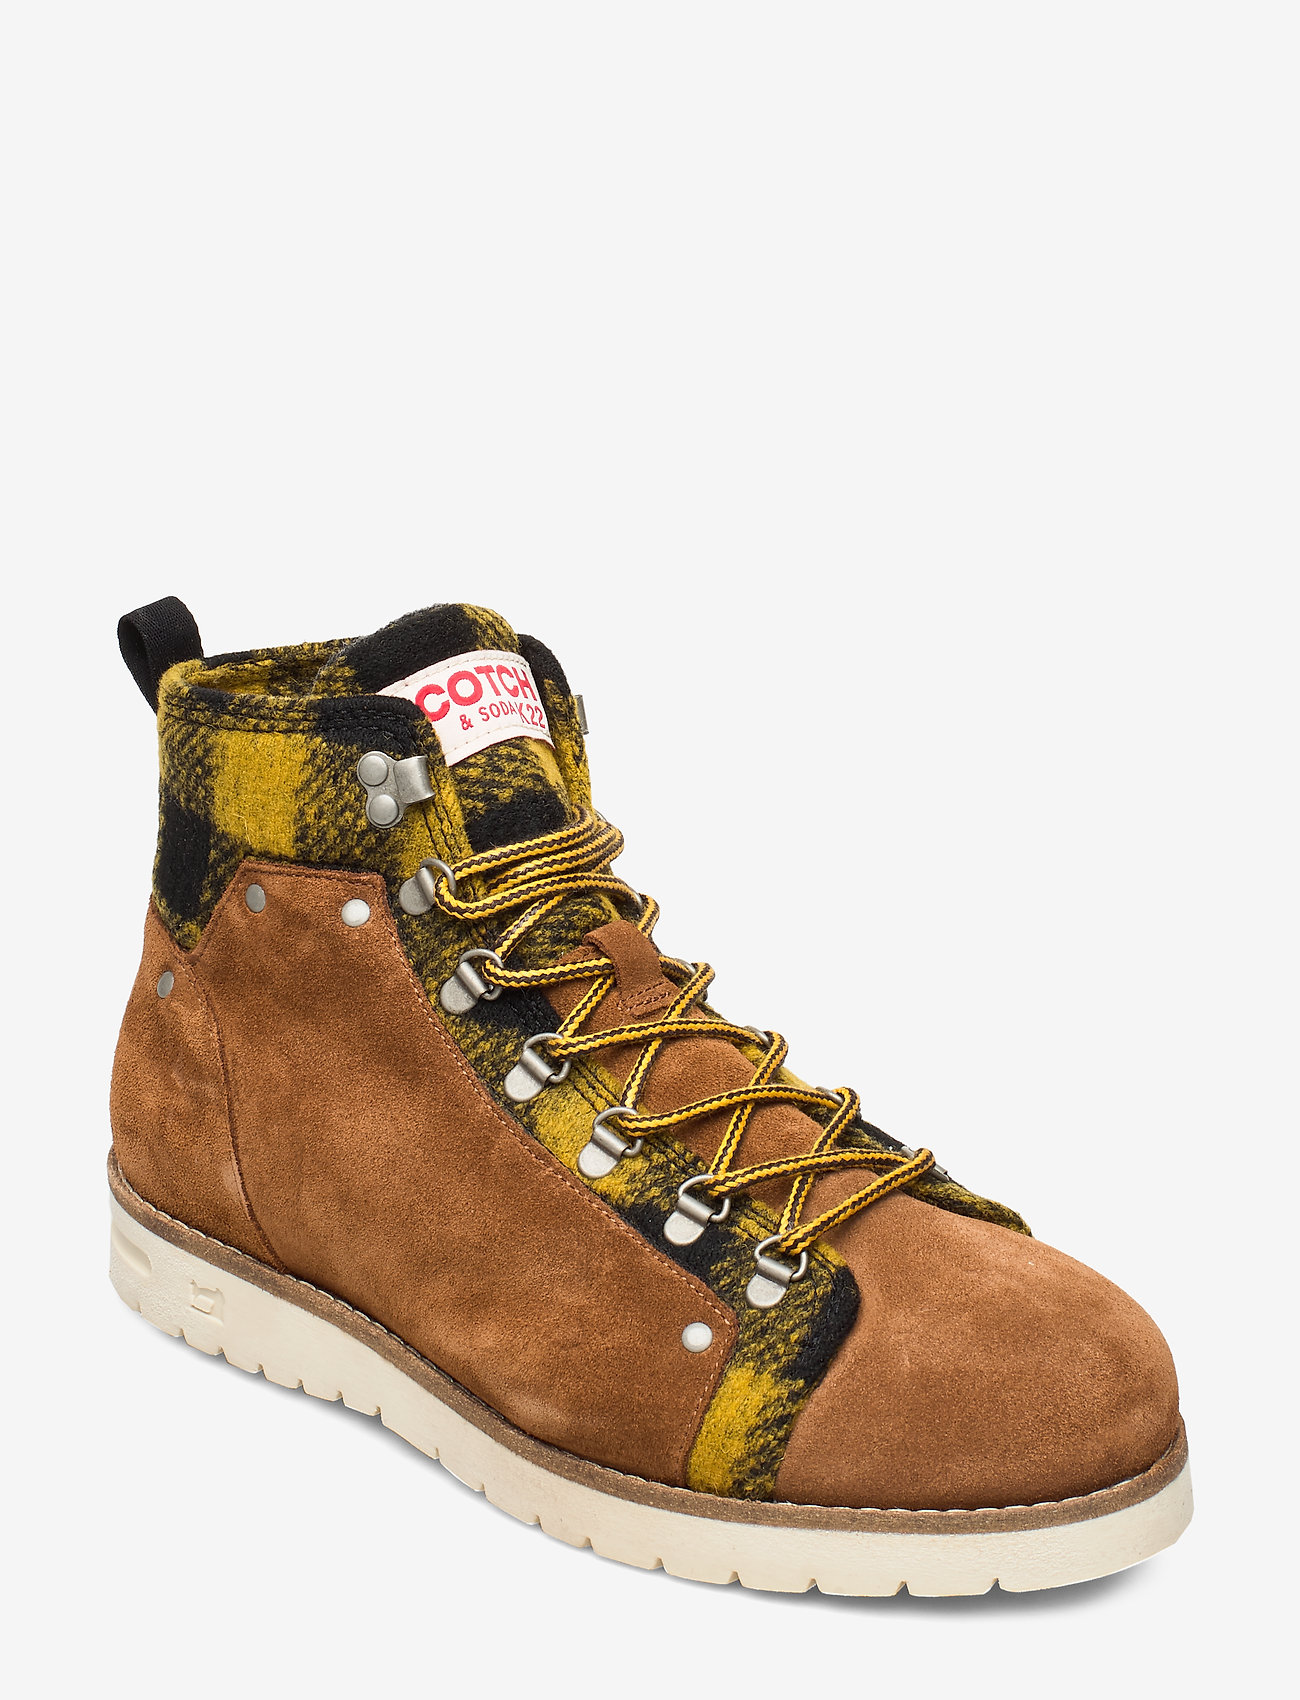 Scotch & Soda Shoes - Borrel Mid laceboot - bottes lacées - cognac+blk/camel - 0